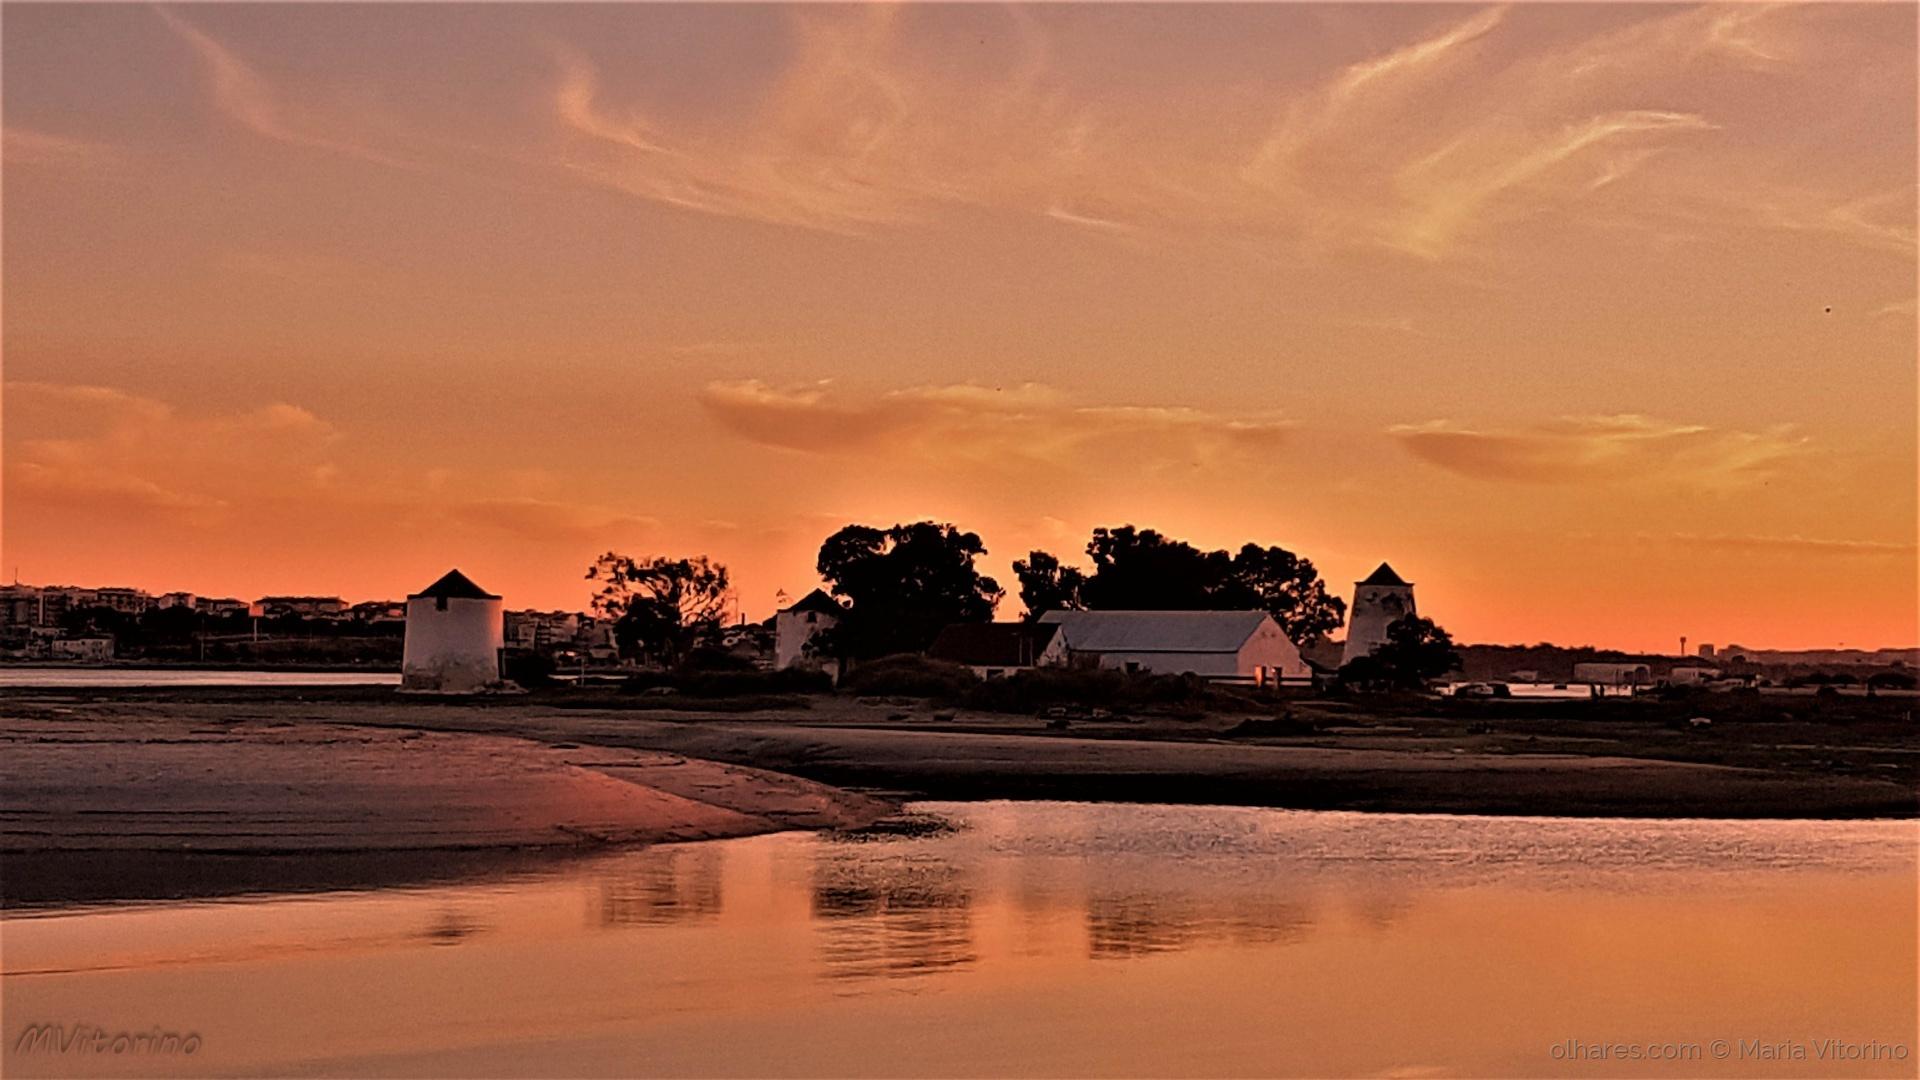 Paisagem Urbana/Alburrica dourada pelo pôr do sol (ler sff)